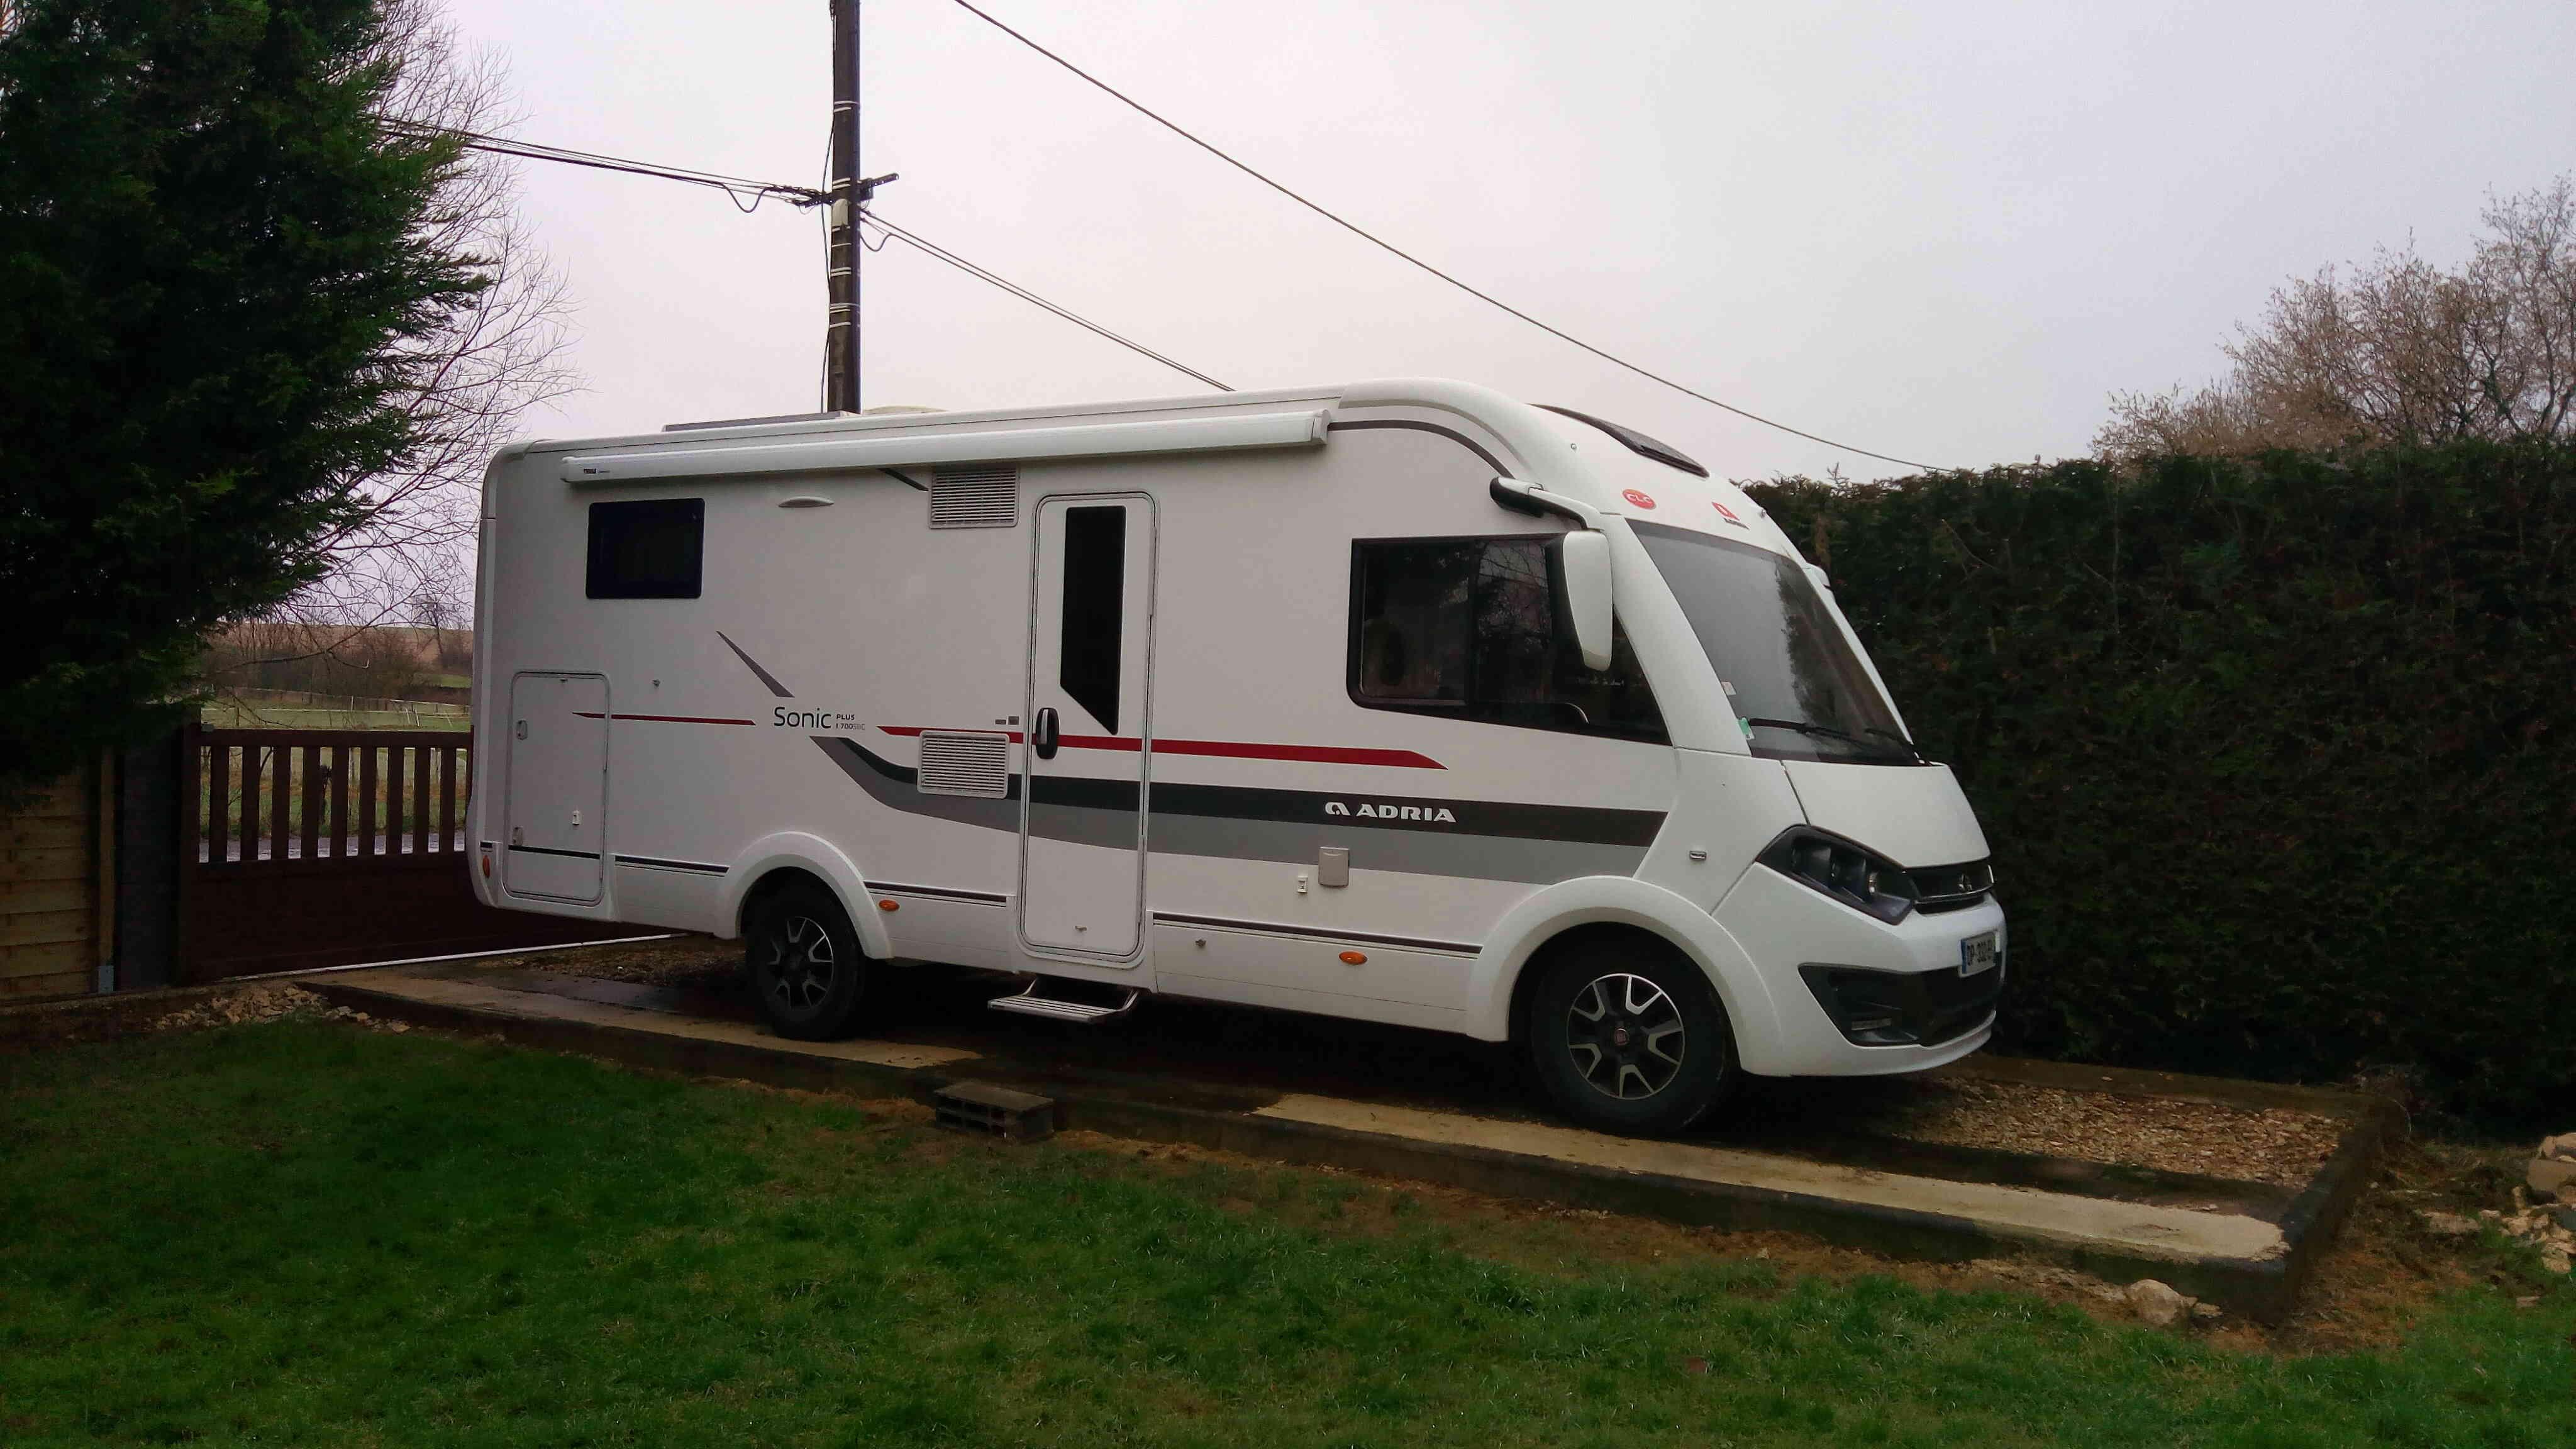 camping-car ADRIA SONIC PLUS I 700 SBC  extérieur / latéral droit